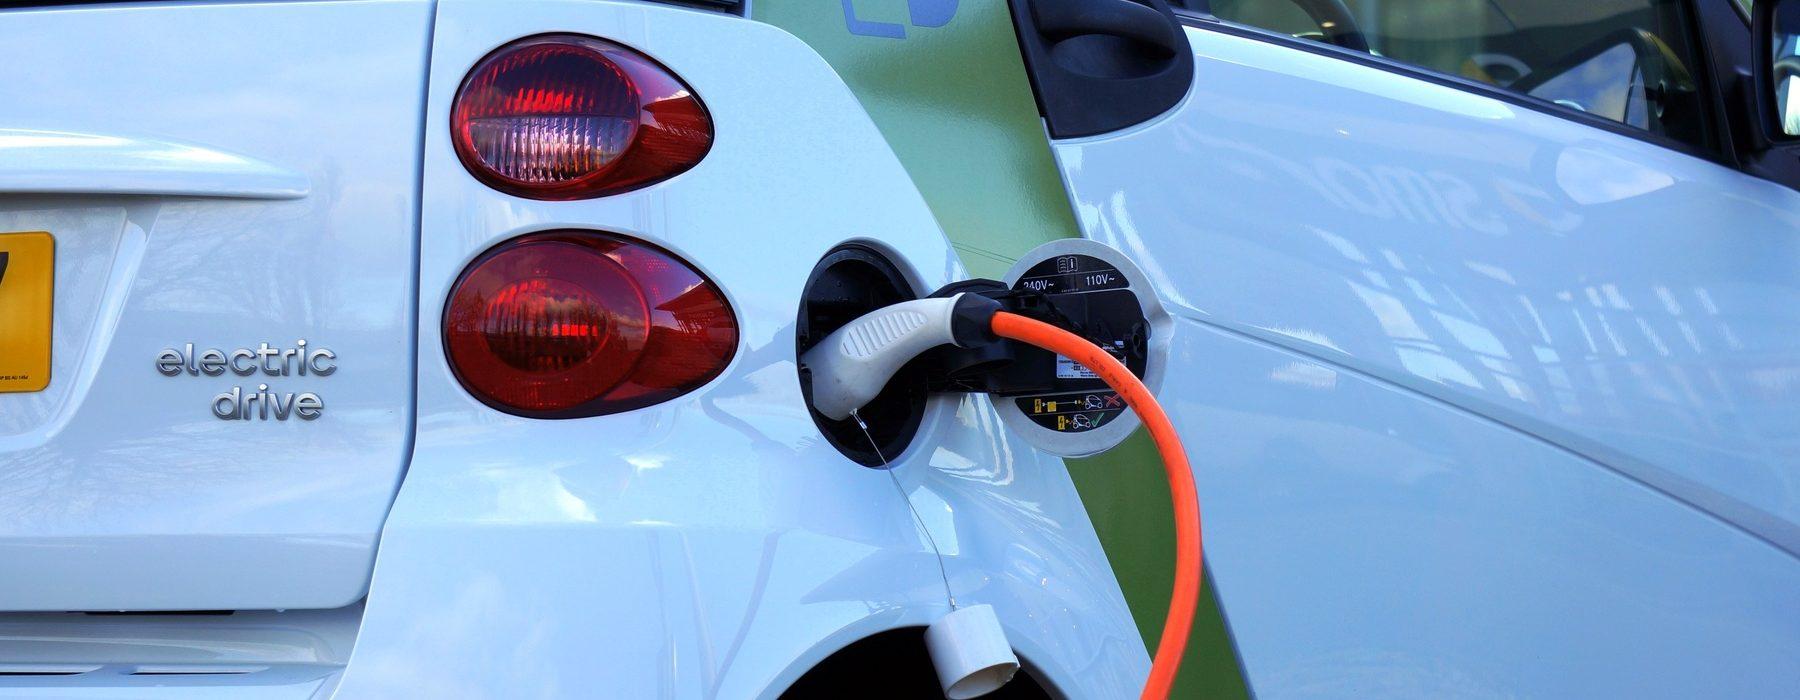 ¿Podemos conseguir más autonomía en nuestro coche eléctrico?